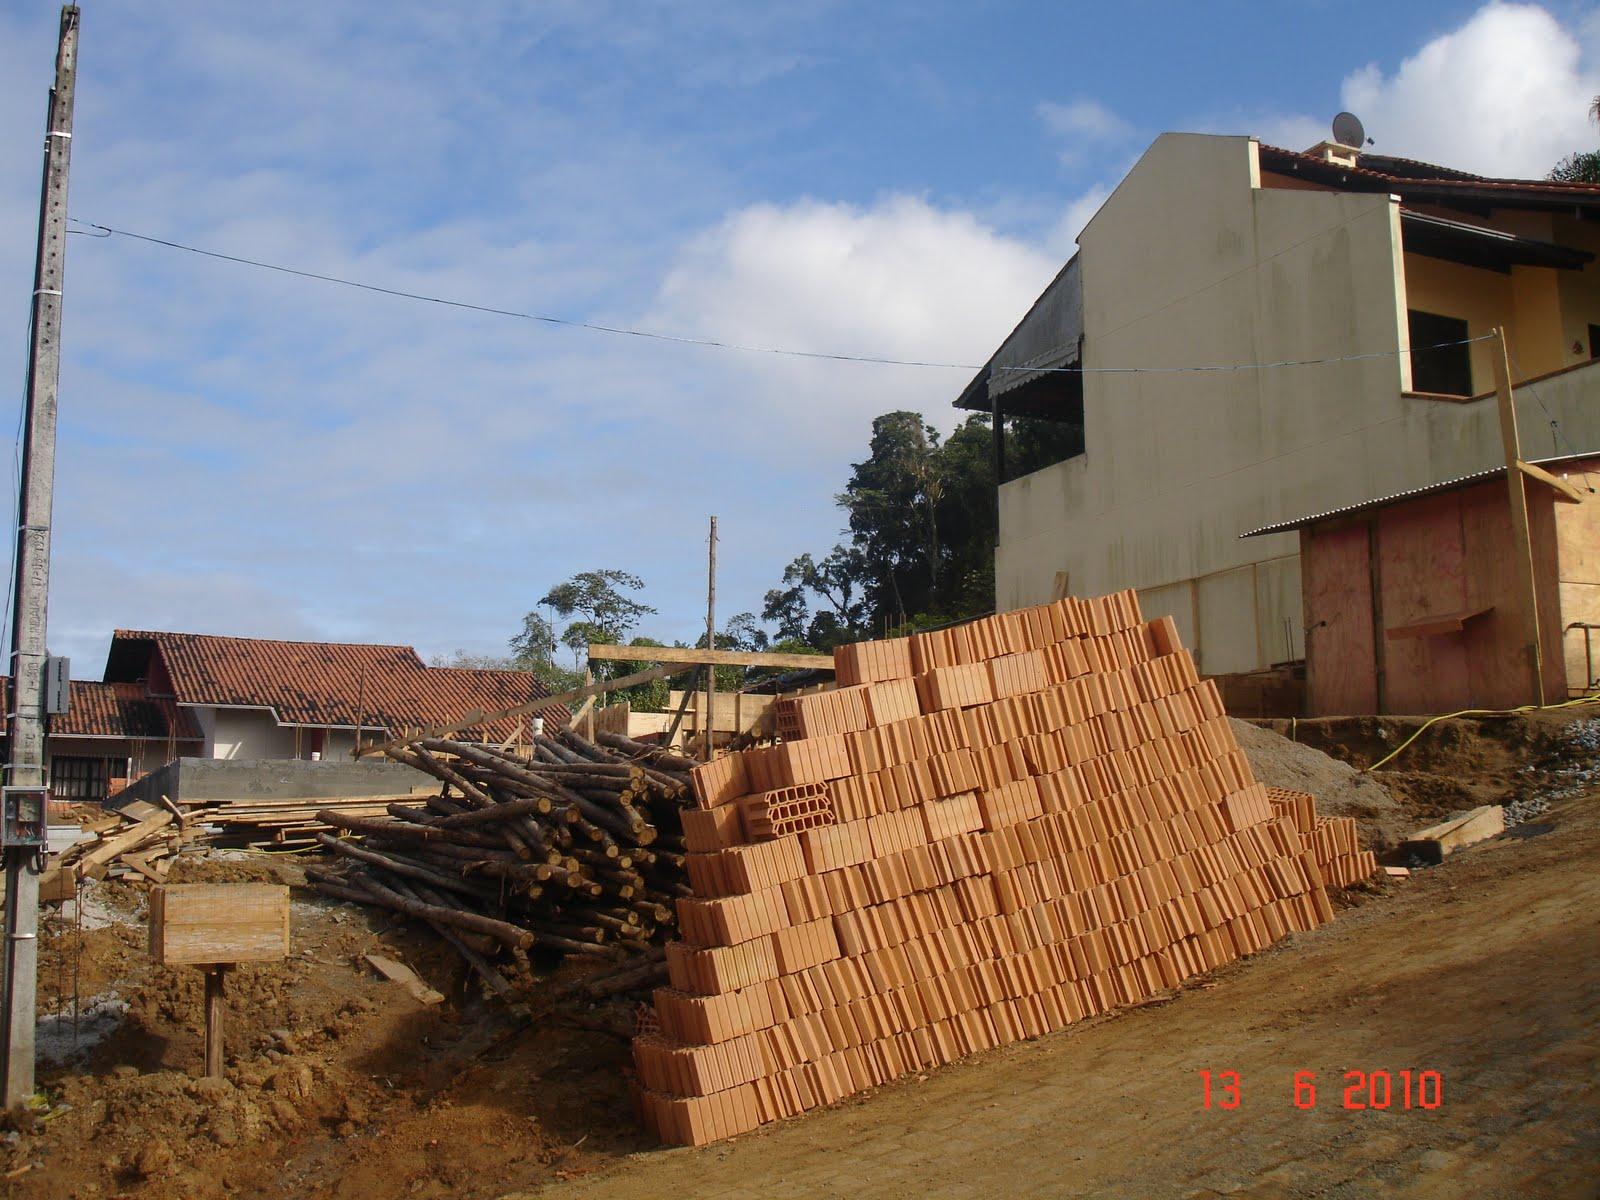 Nossa Casa no Site Construção da fundação ao acabamento: Fotos  #986C33 1600 1200